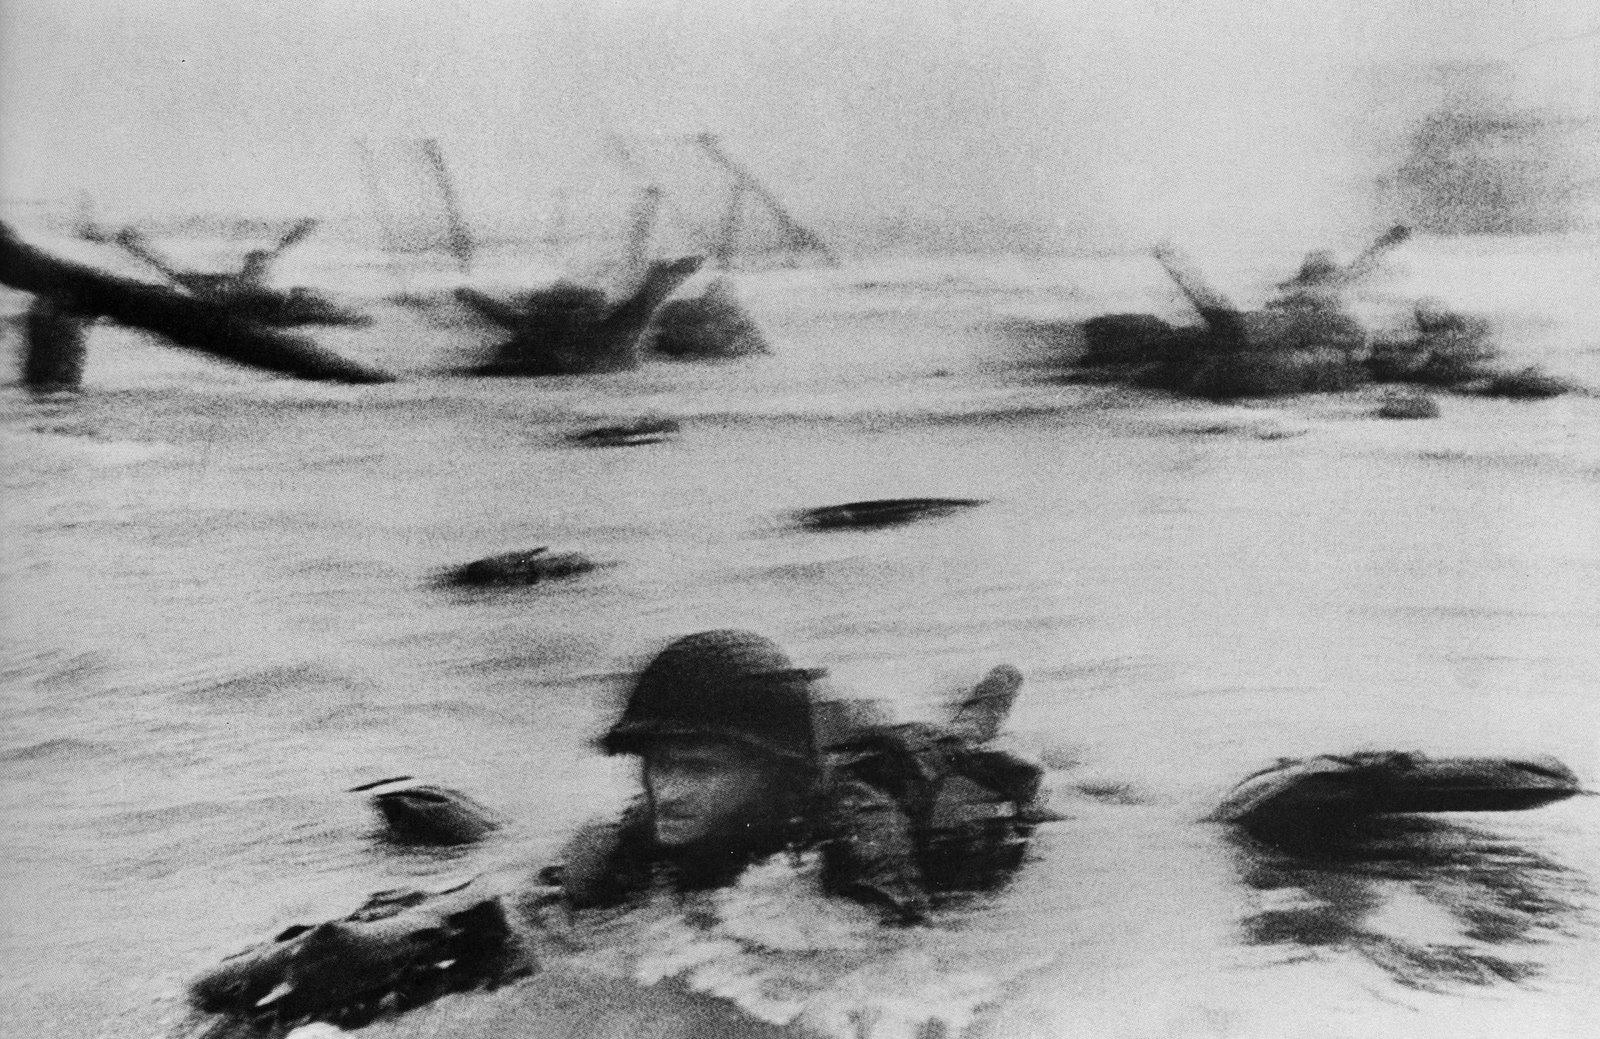 Omaha Beach, Normandía, Francia, 1944. Fotografía de Robert Capa